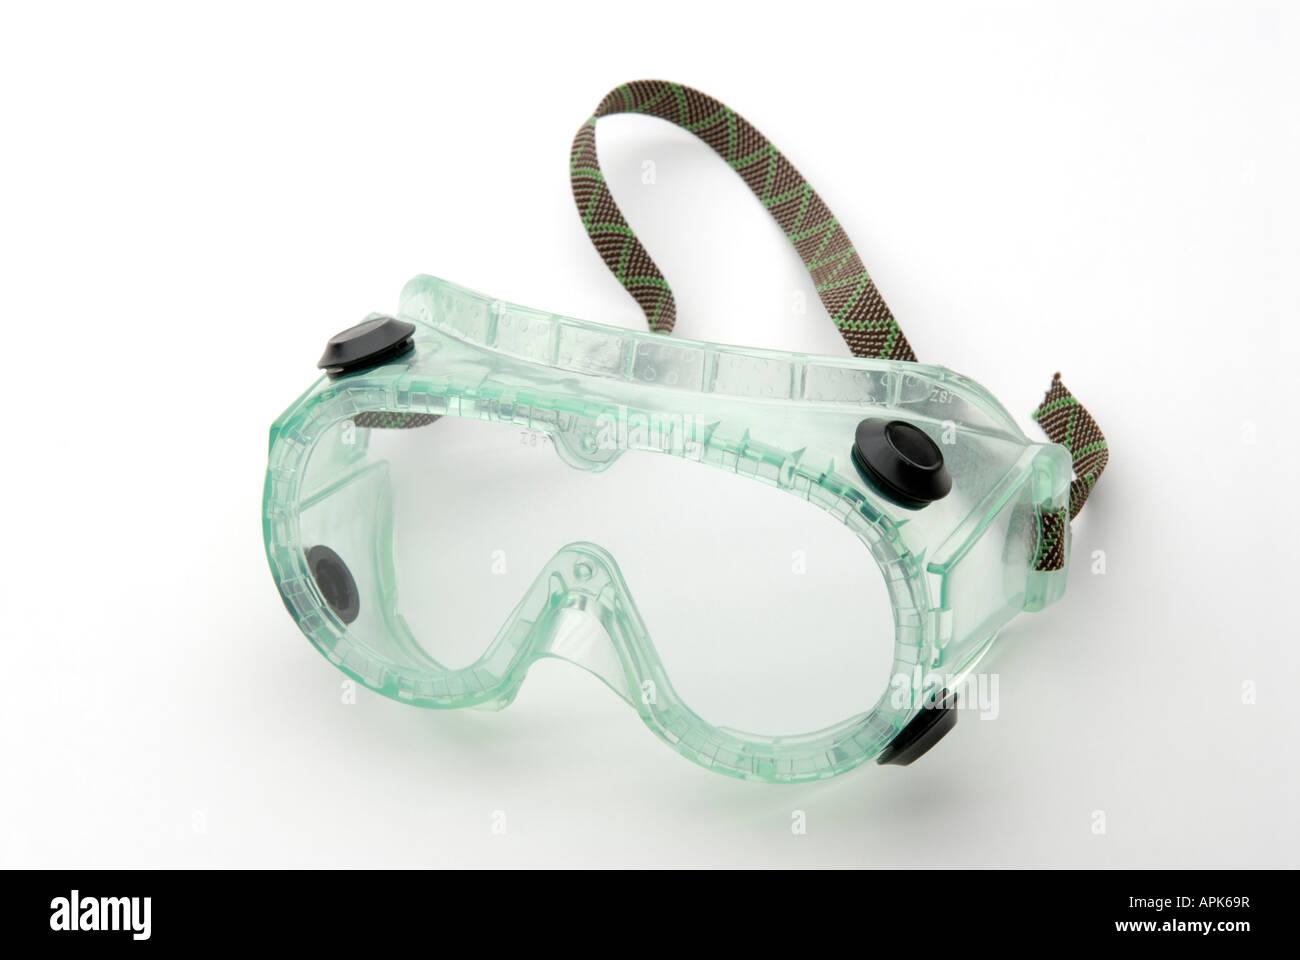 A prueba de salpicaduras químicas gafas de seguridad para su uso en laboratorios de investigación y cursos Imagen De Stock